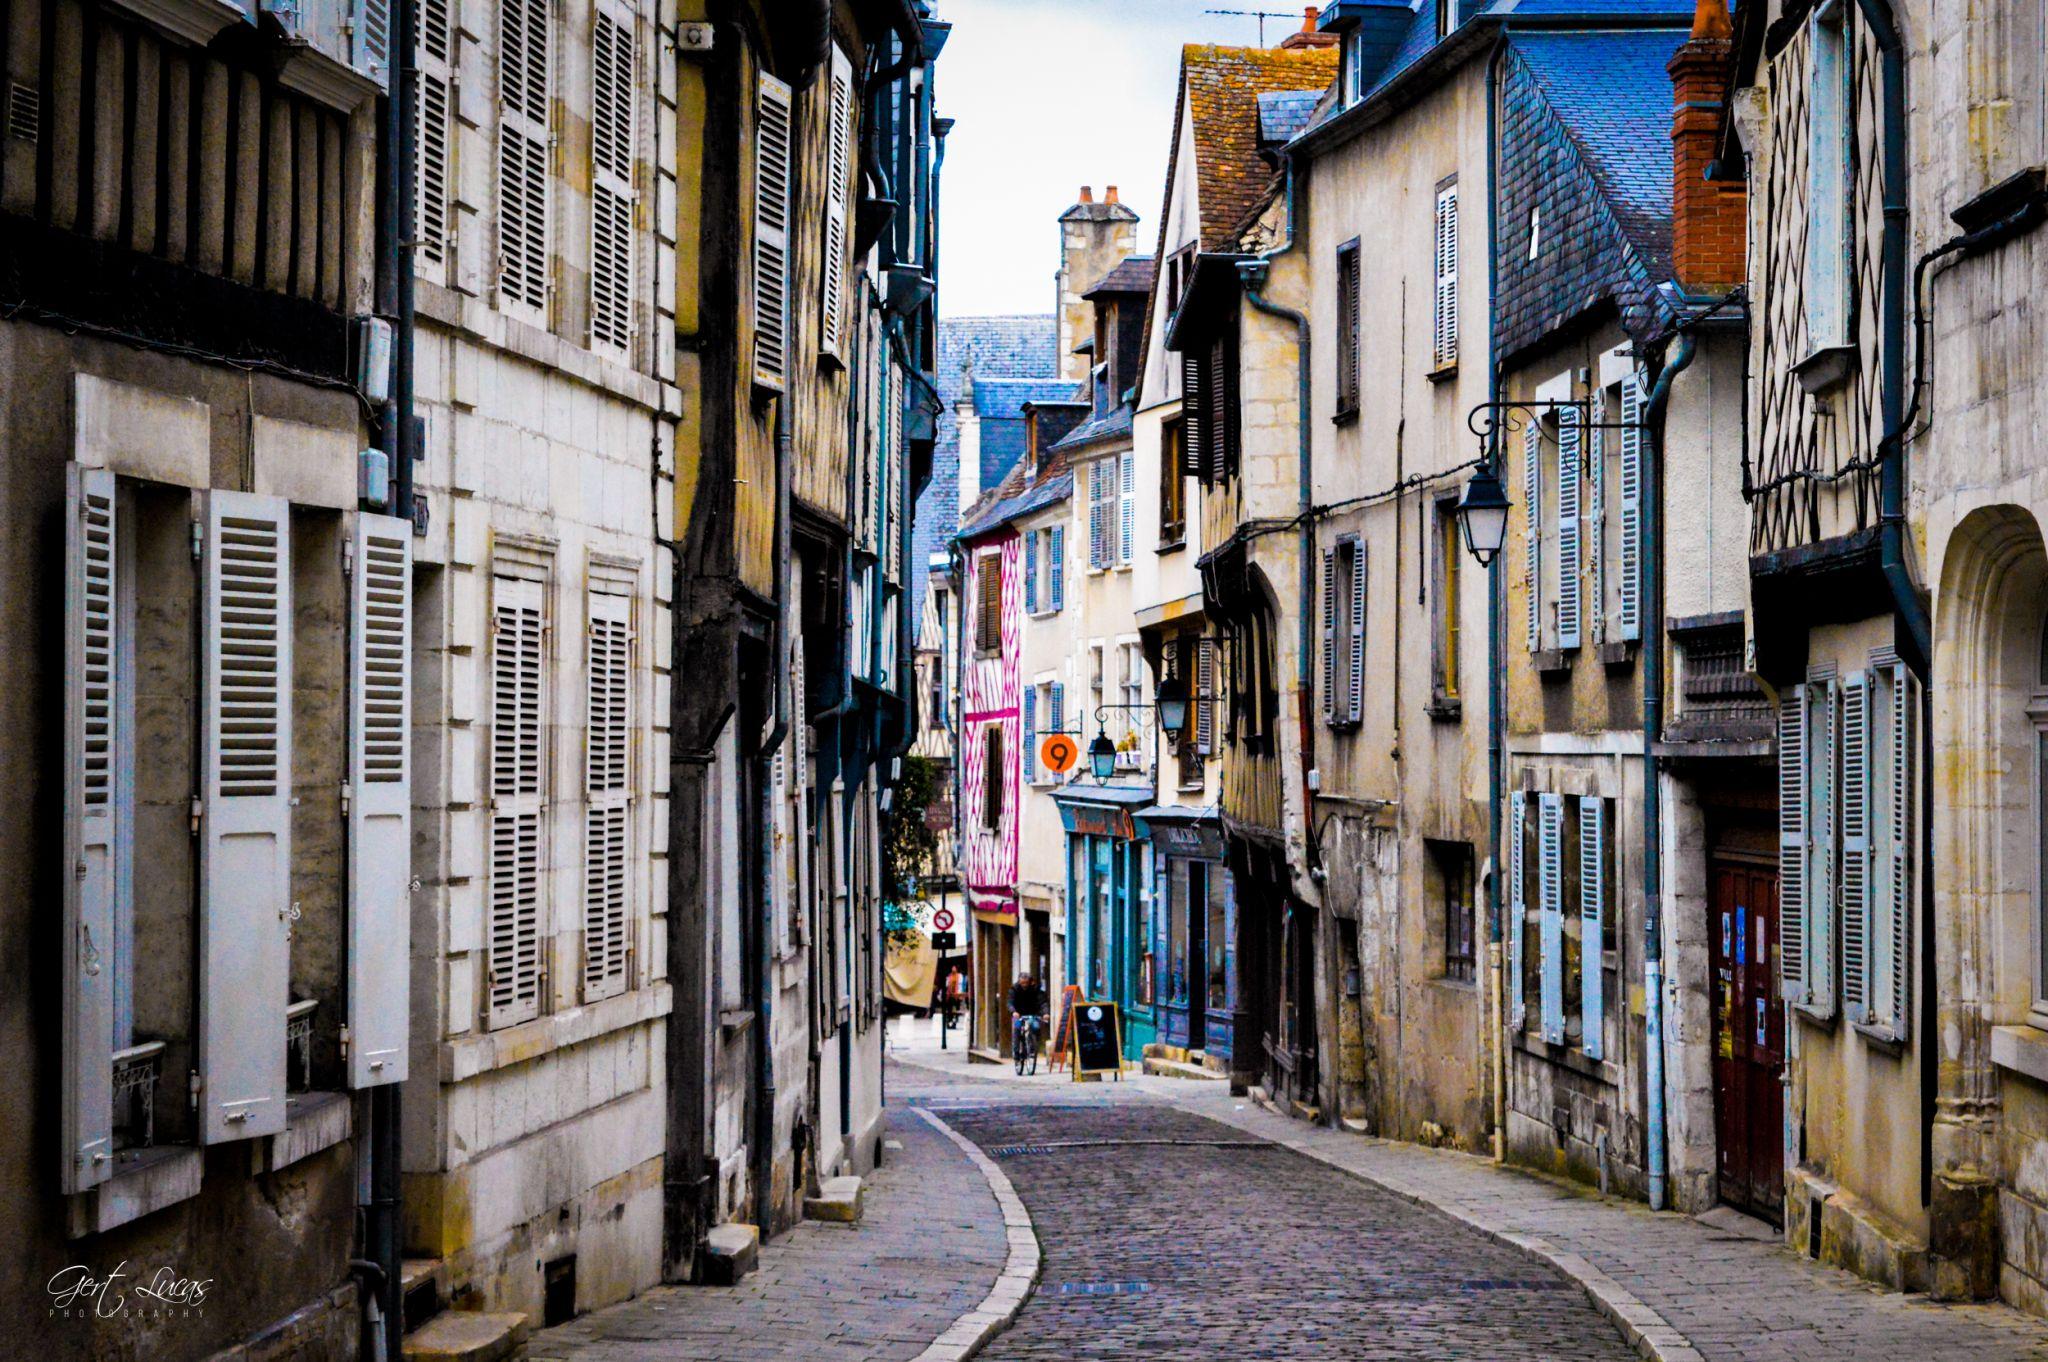 Rue Bourbounnoux, France